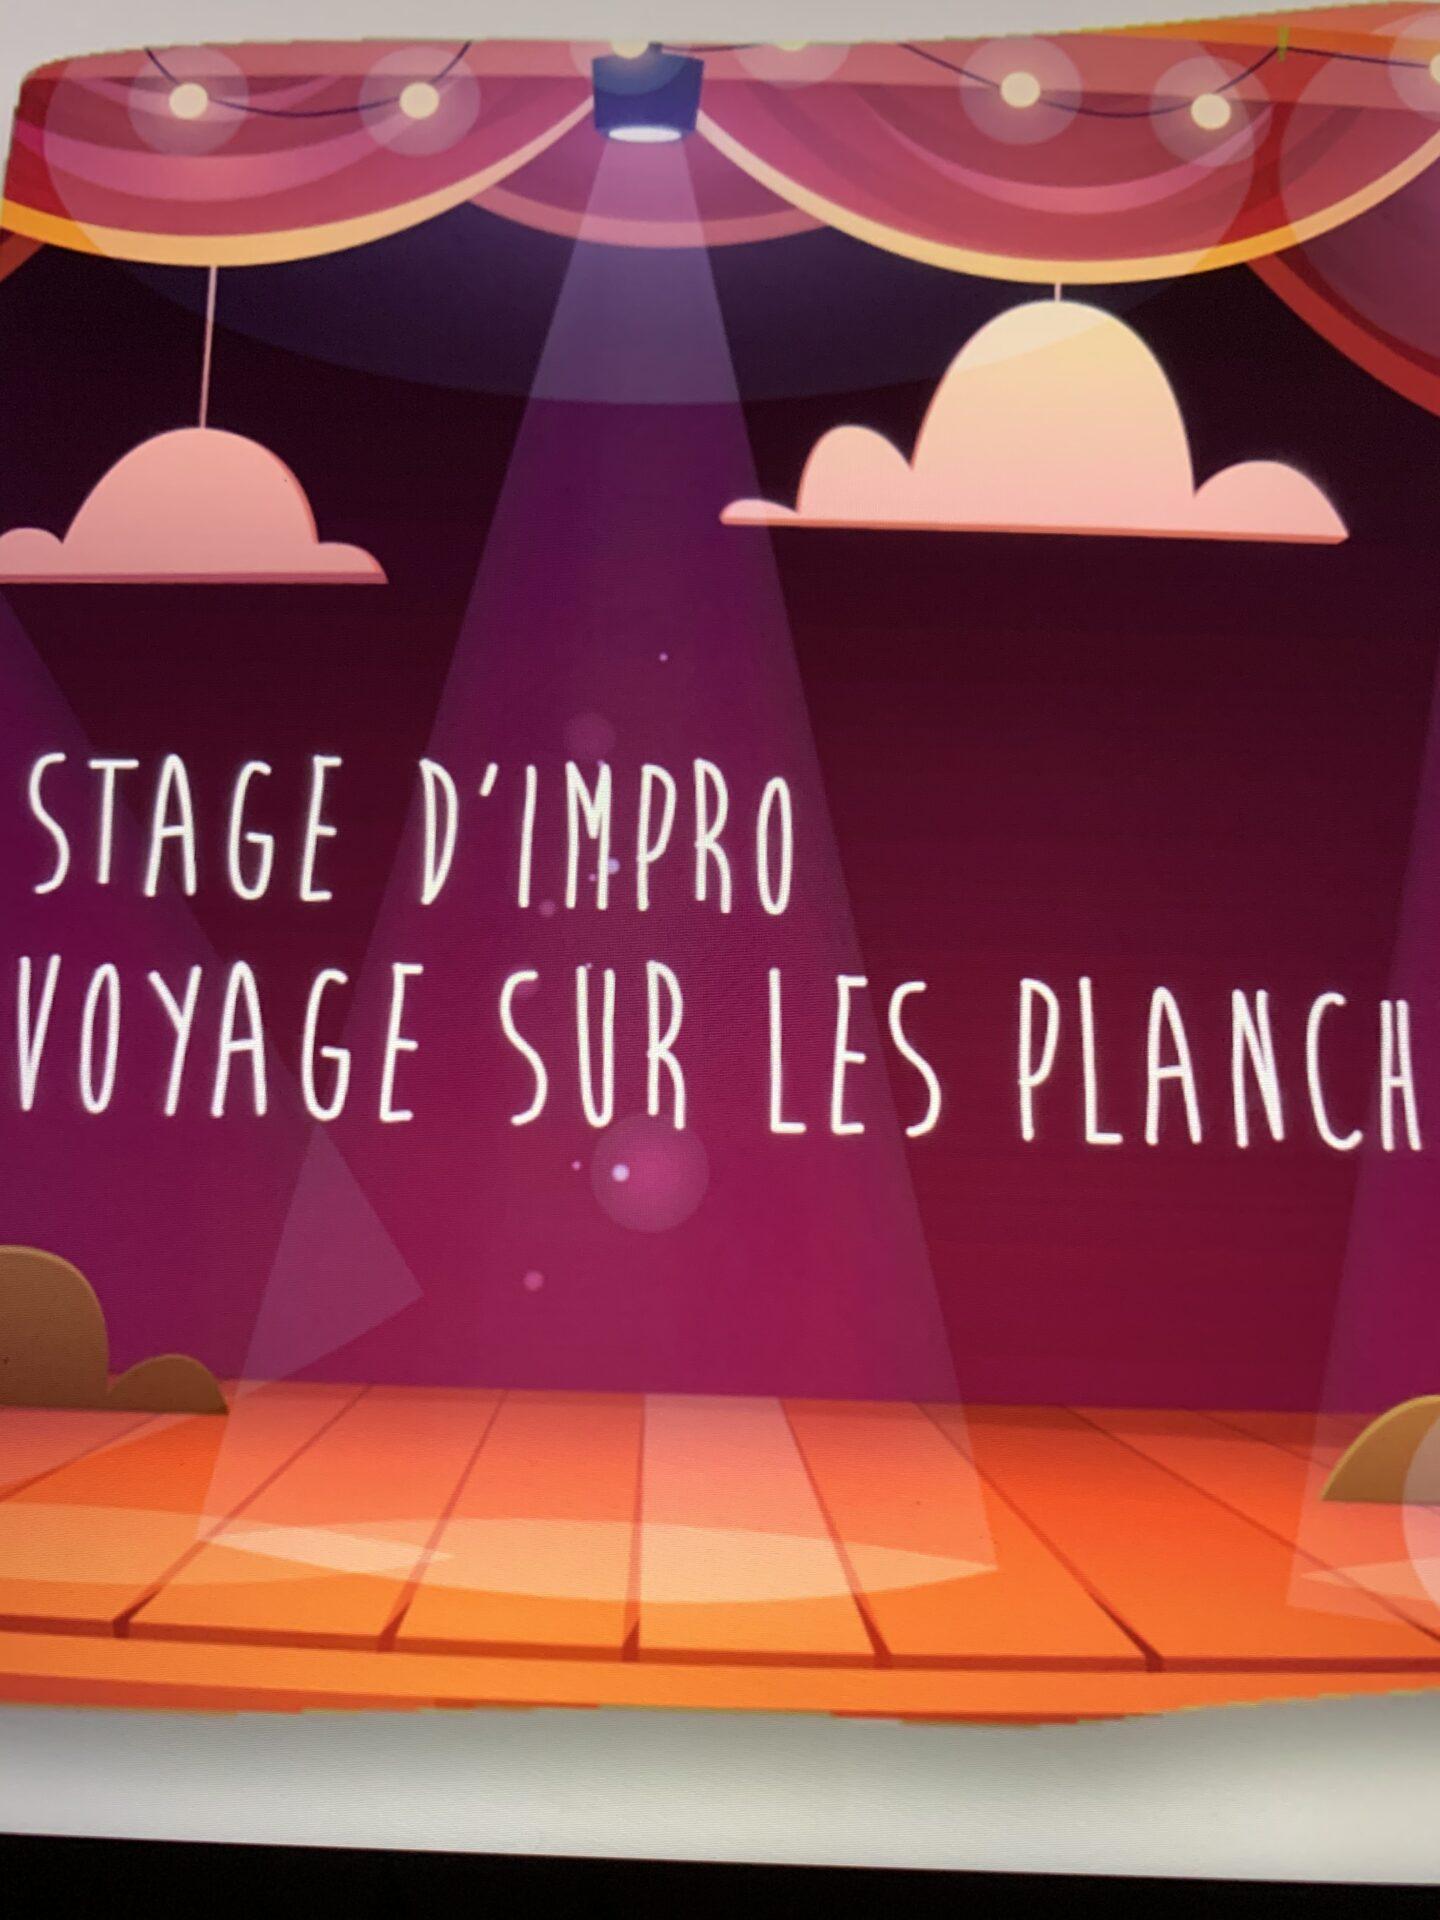 Stage d'impro : Voyage sur les planches